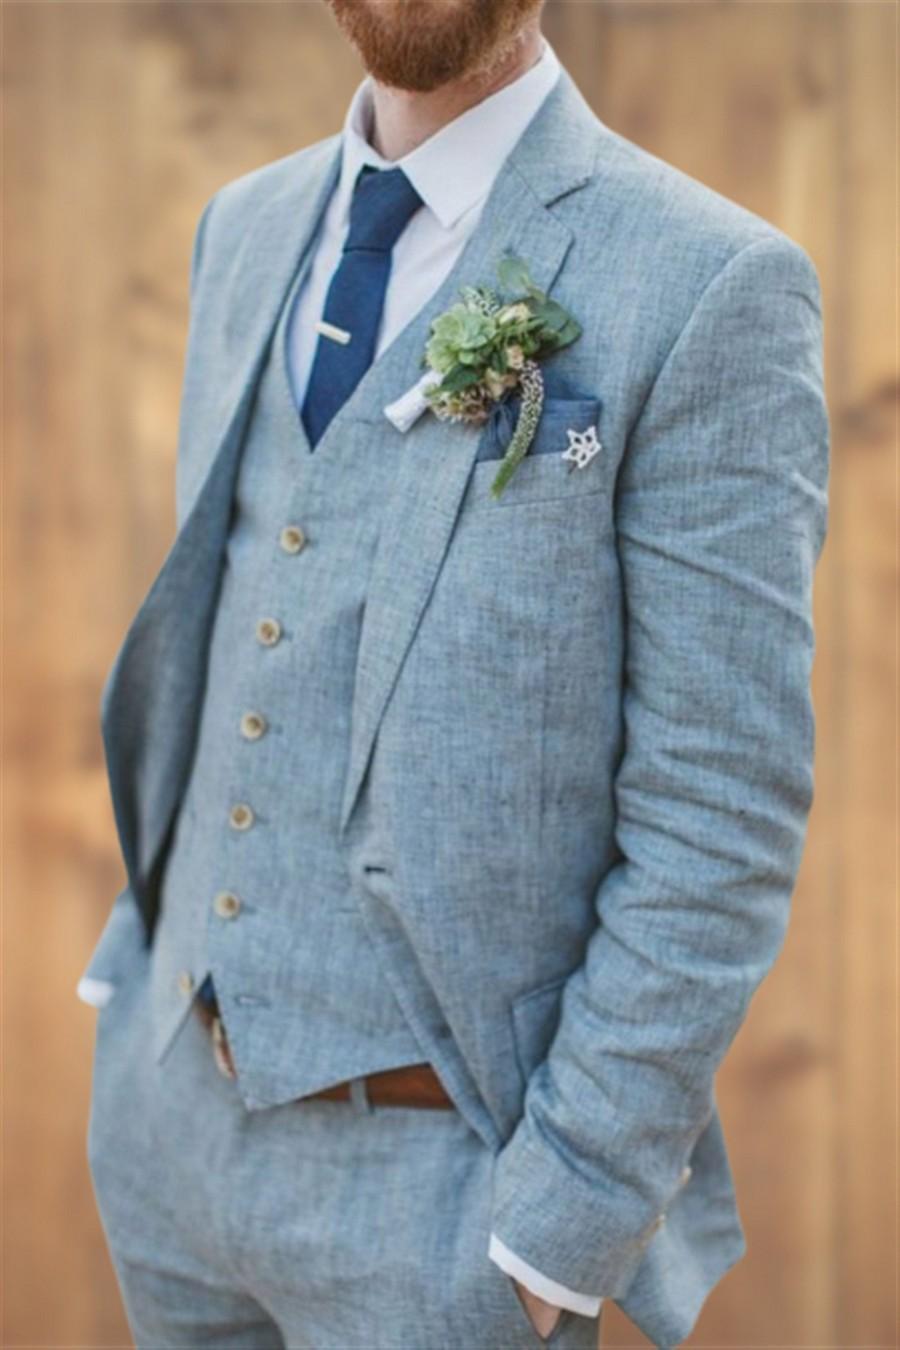 Wedding - Mens Suit Blue Suits Slim fit 3 Piece Summer Suits for Men Groom Wear Dress Beach Wedding Suit Men Dinner Suits